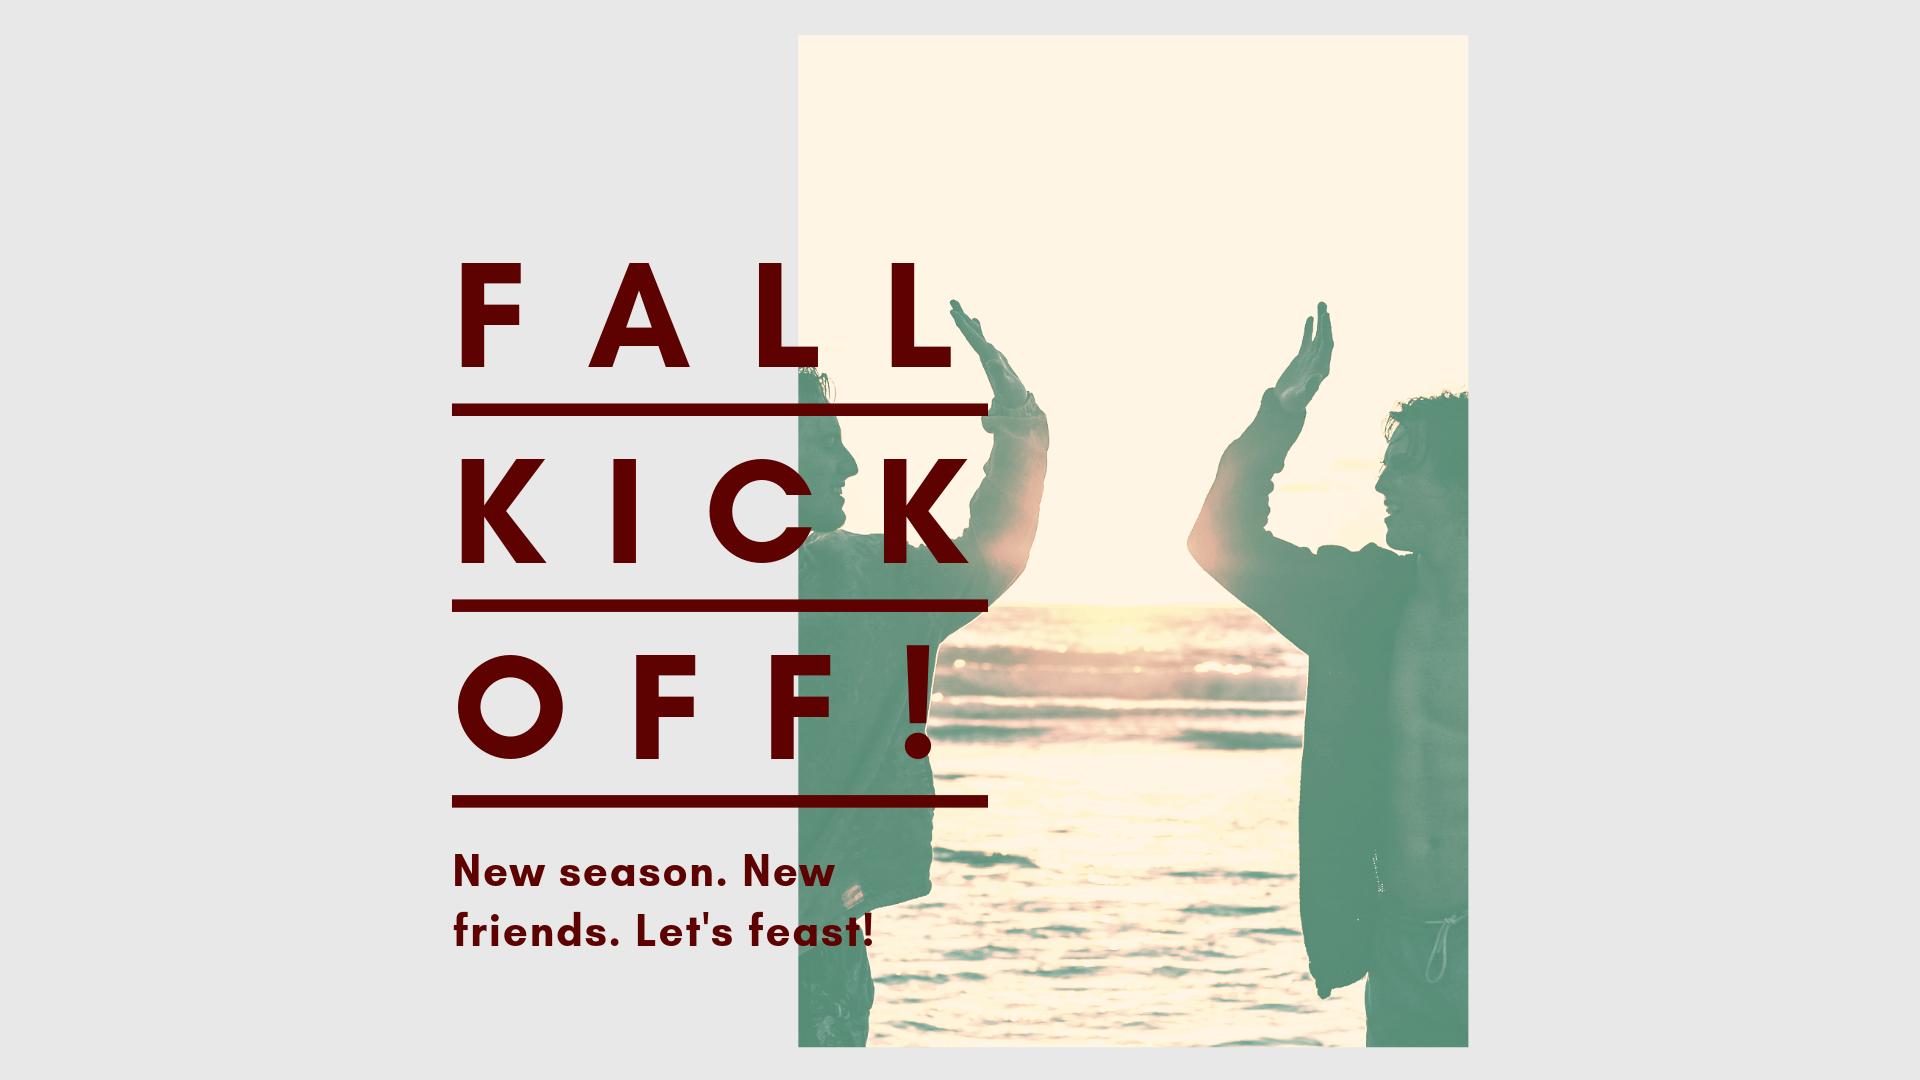 Fall kick off - 16x9.png